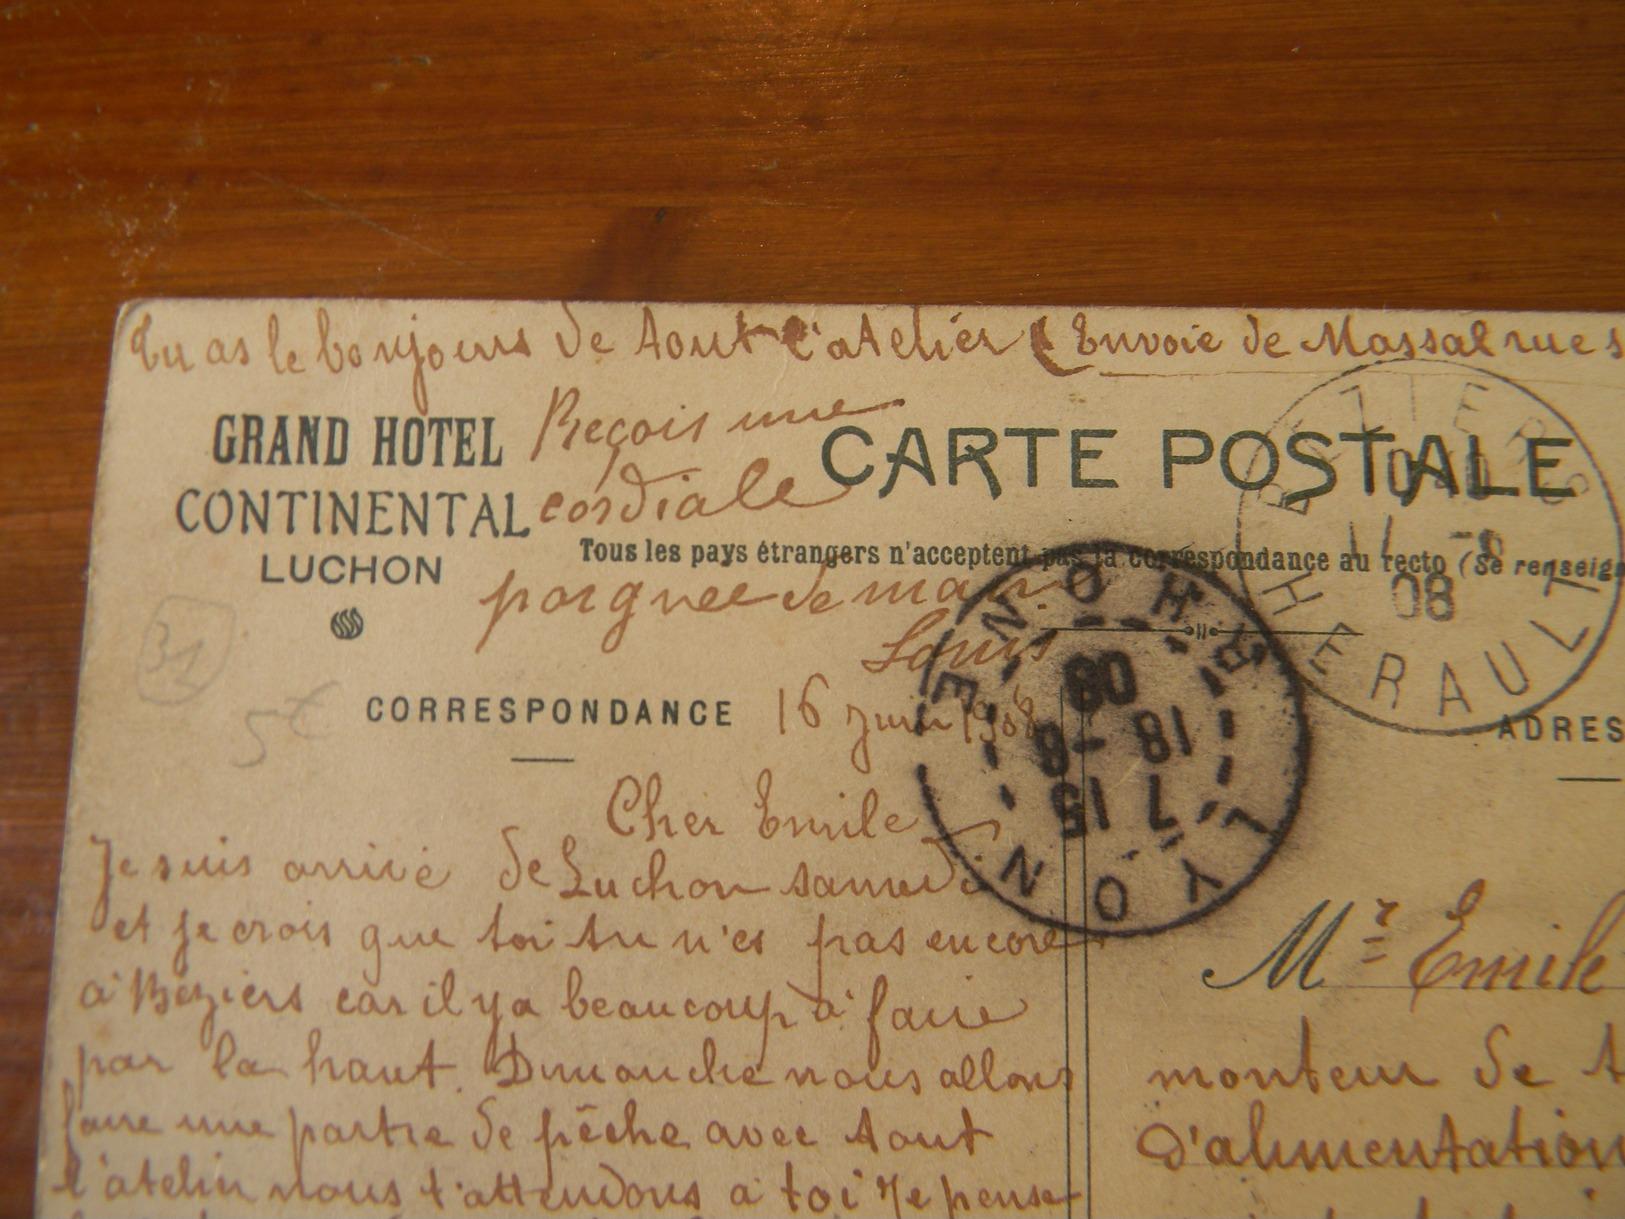 Luchon Grand Hotel Continental Le Hall D' Entrée - Luchon